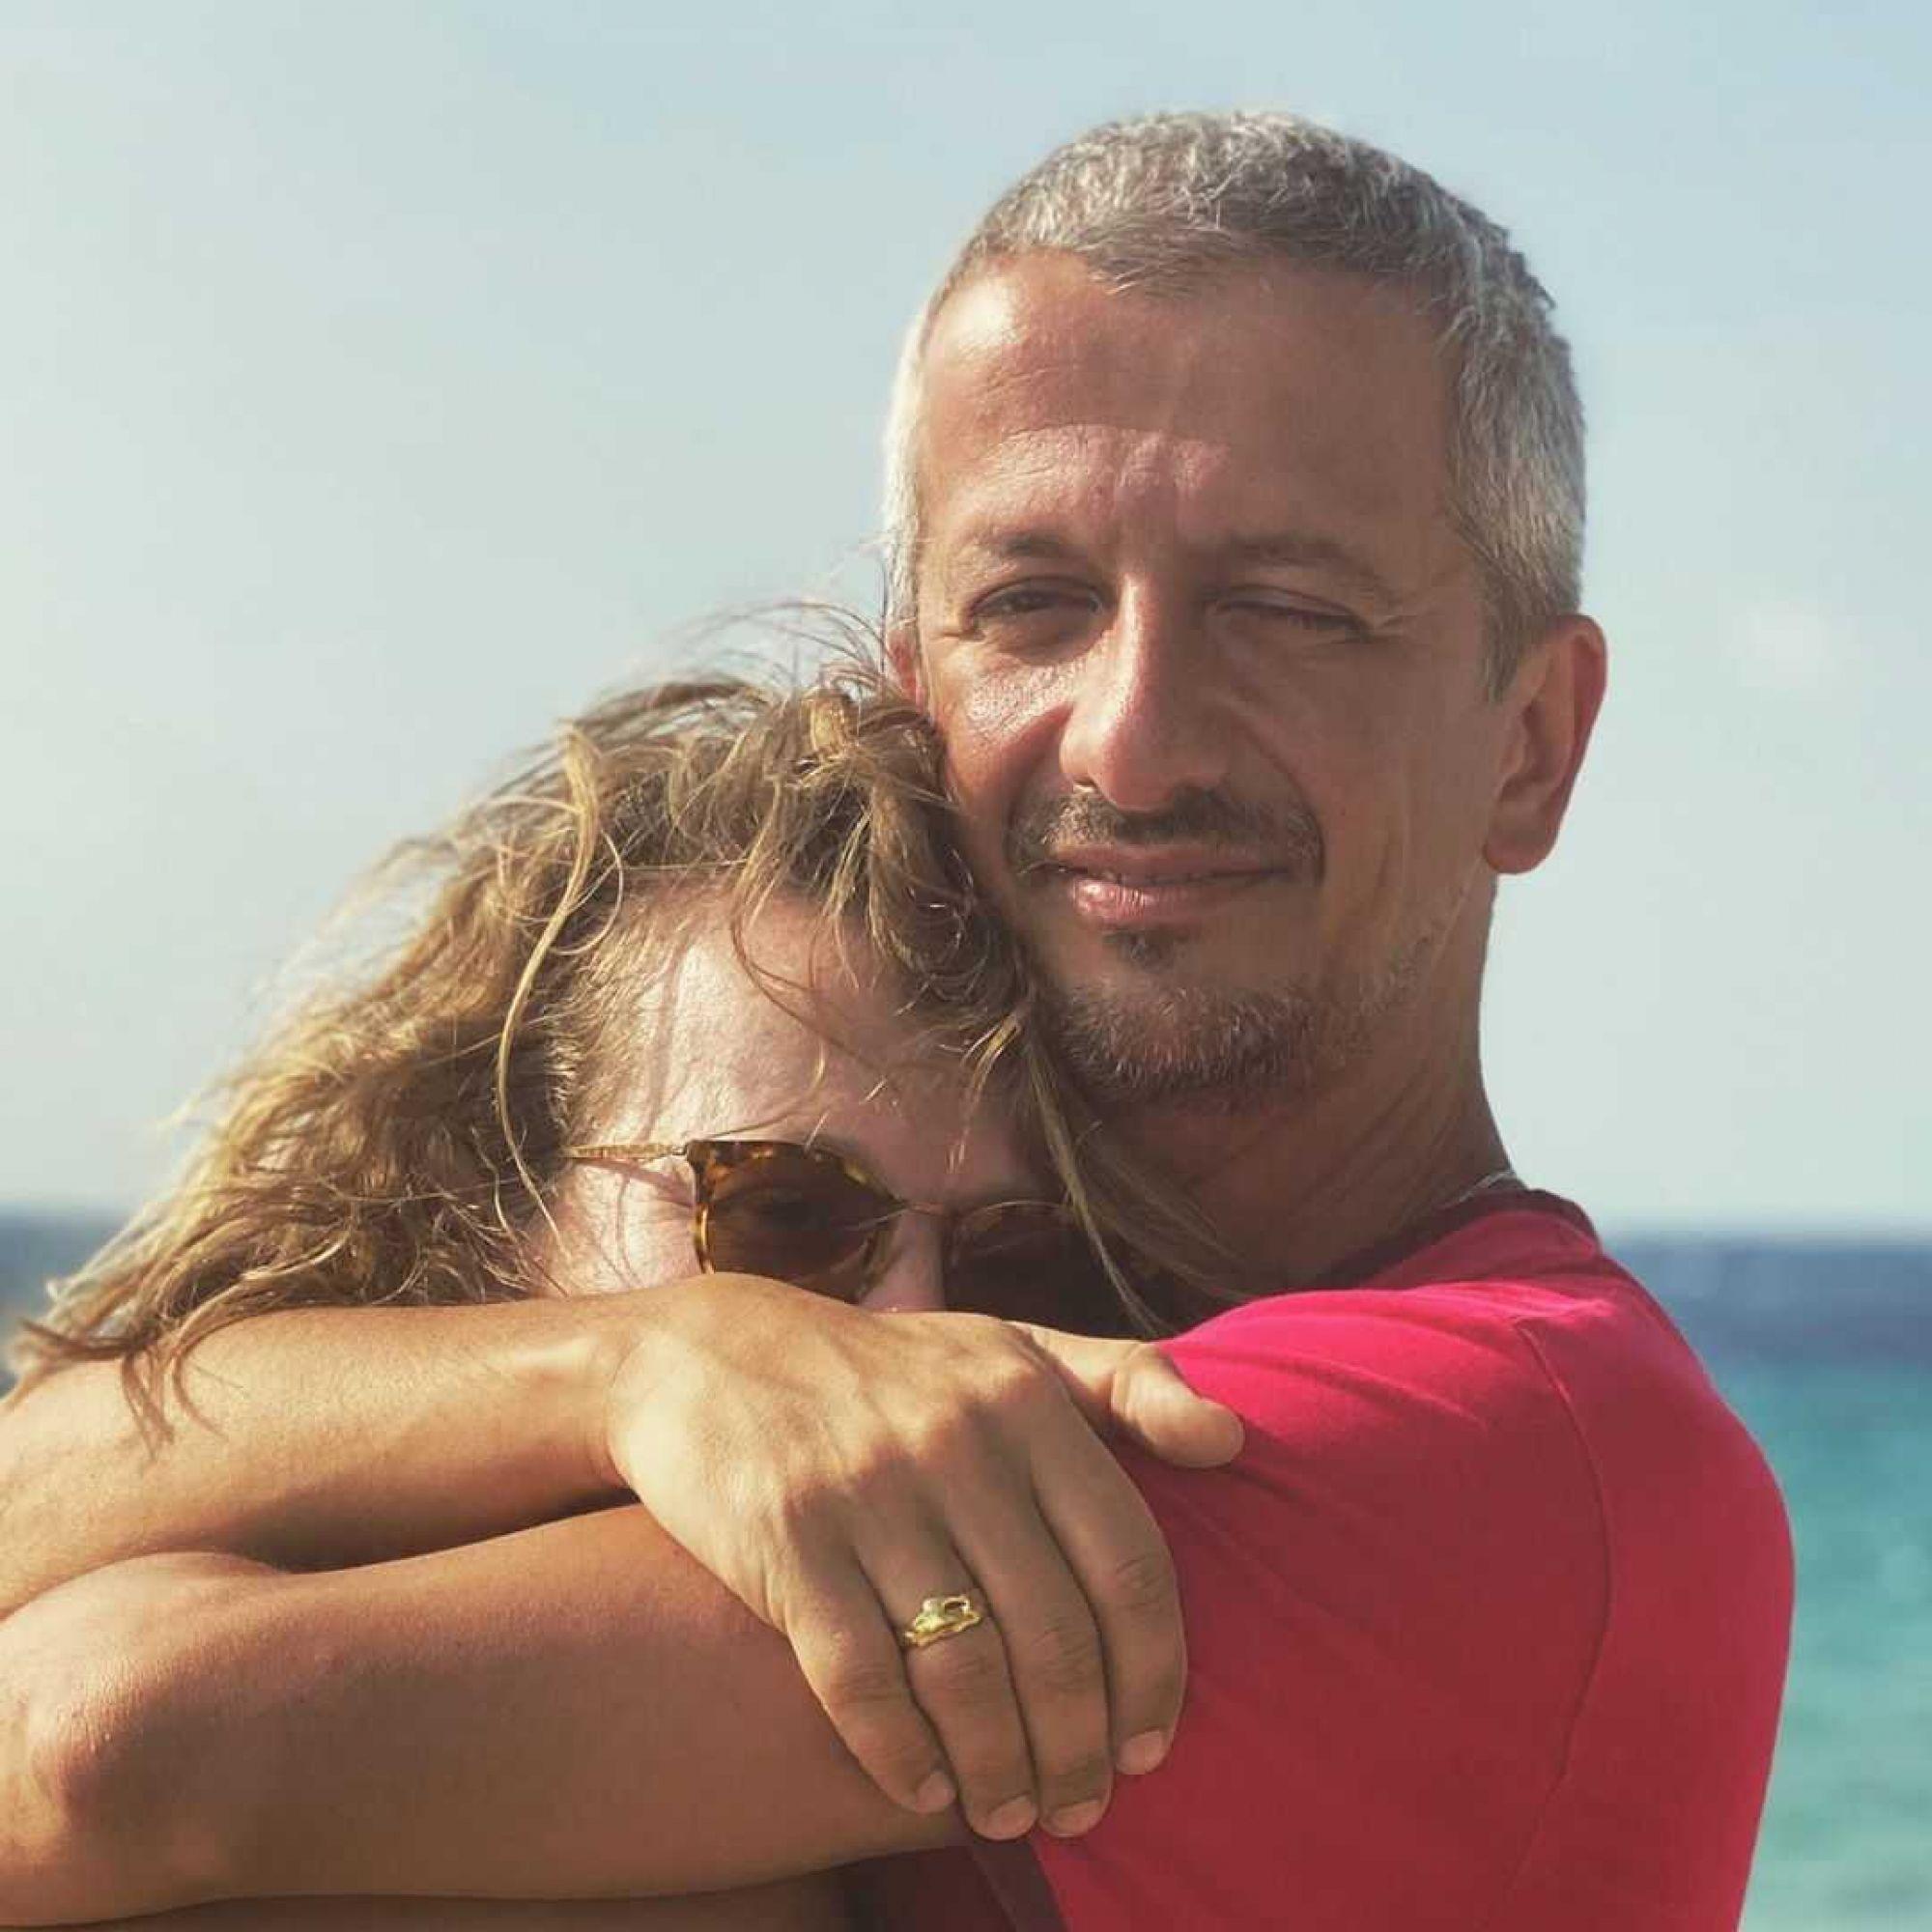 Константин Богомолов опубликовал провокационную фотографию Ксении Собчак с голой спиной и грудью